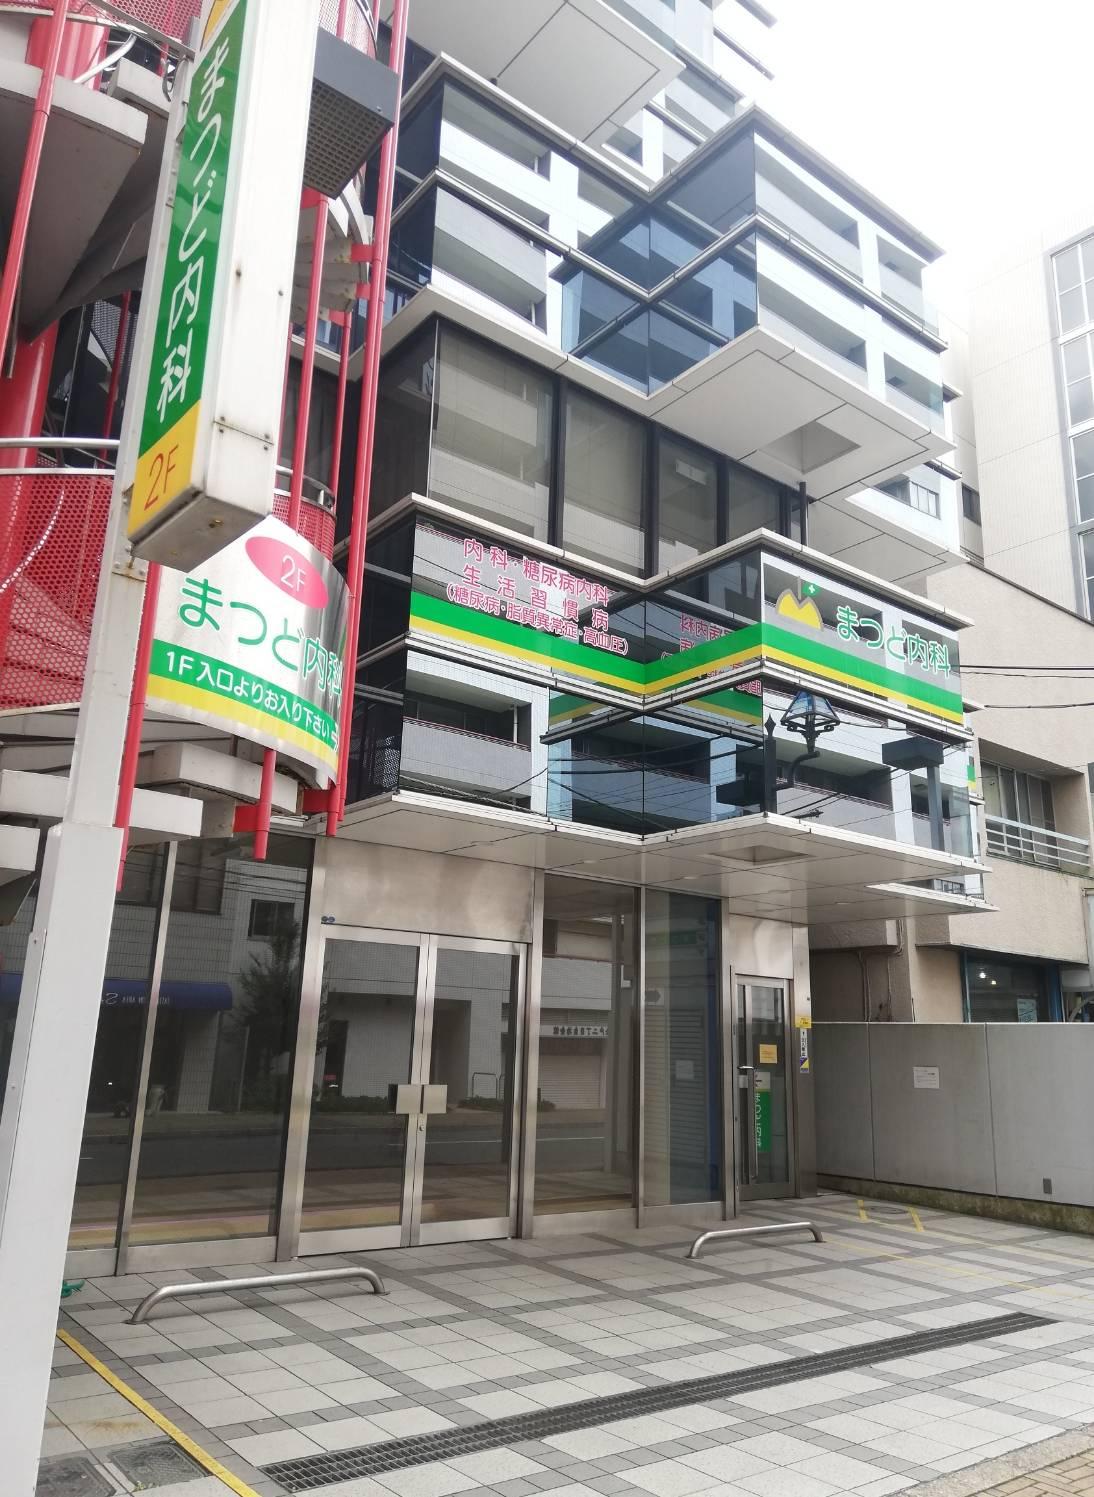 近く の ヤマト 運輸 福島県福島市のヤマト運輸一覧 - NAVITIME